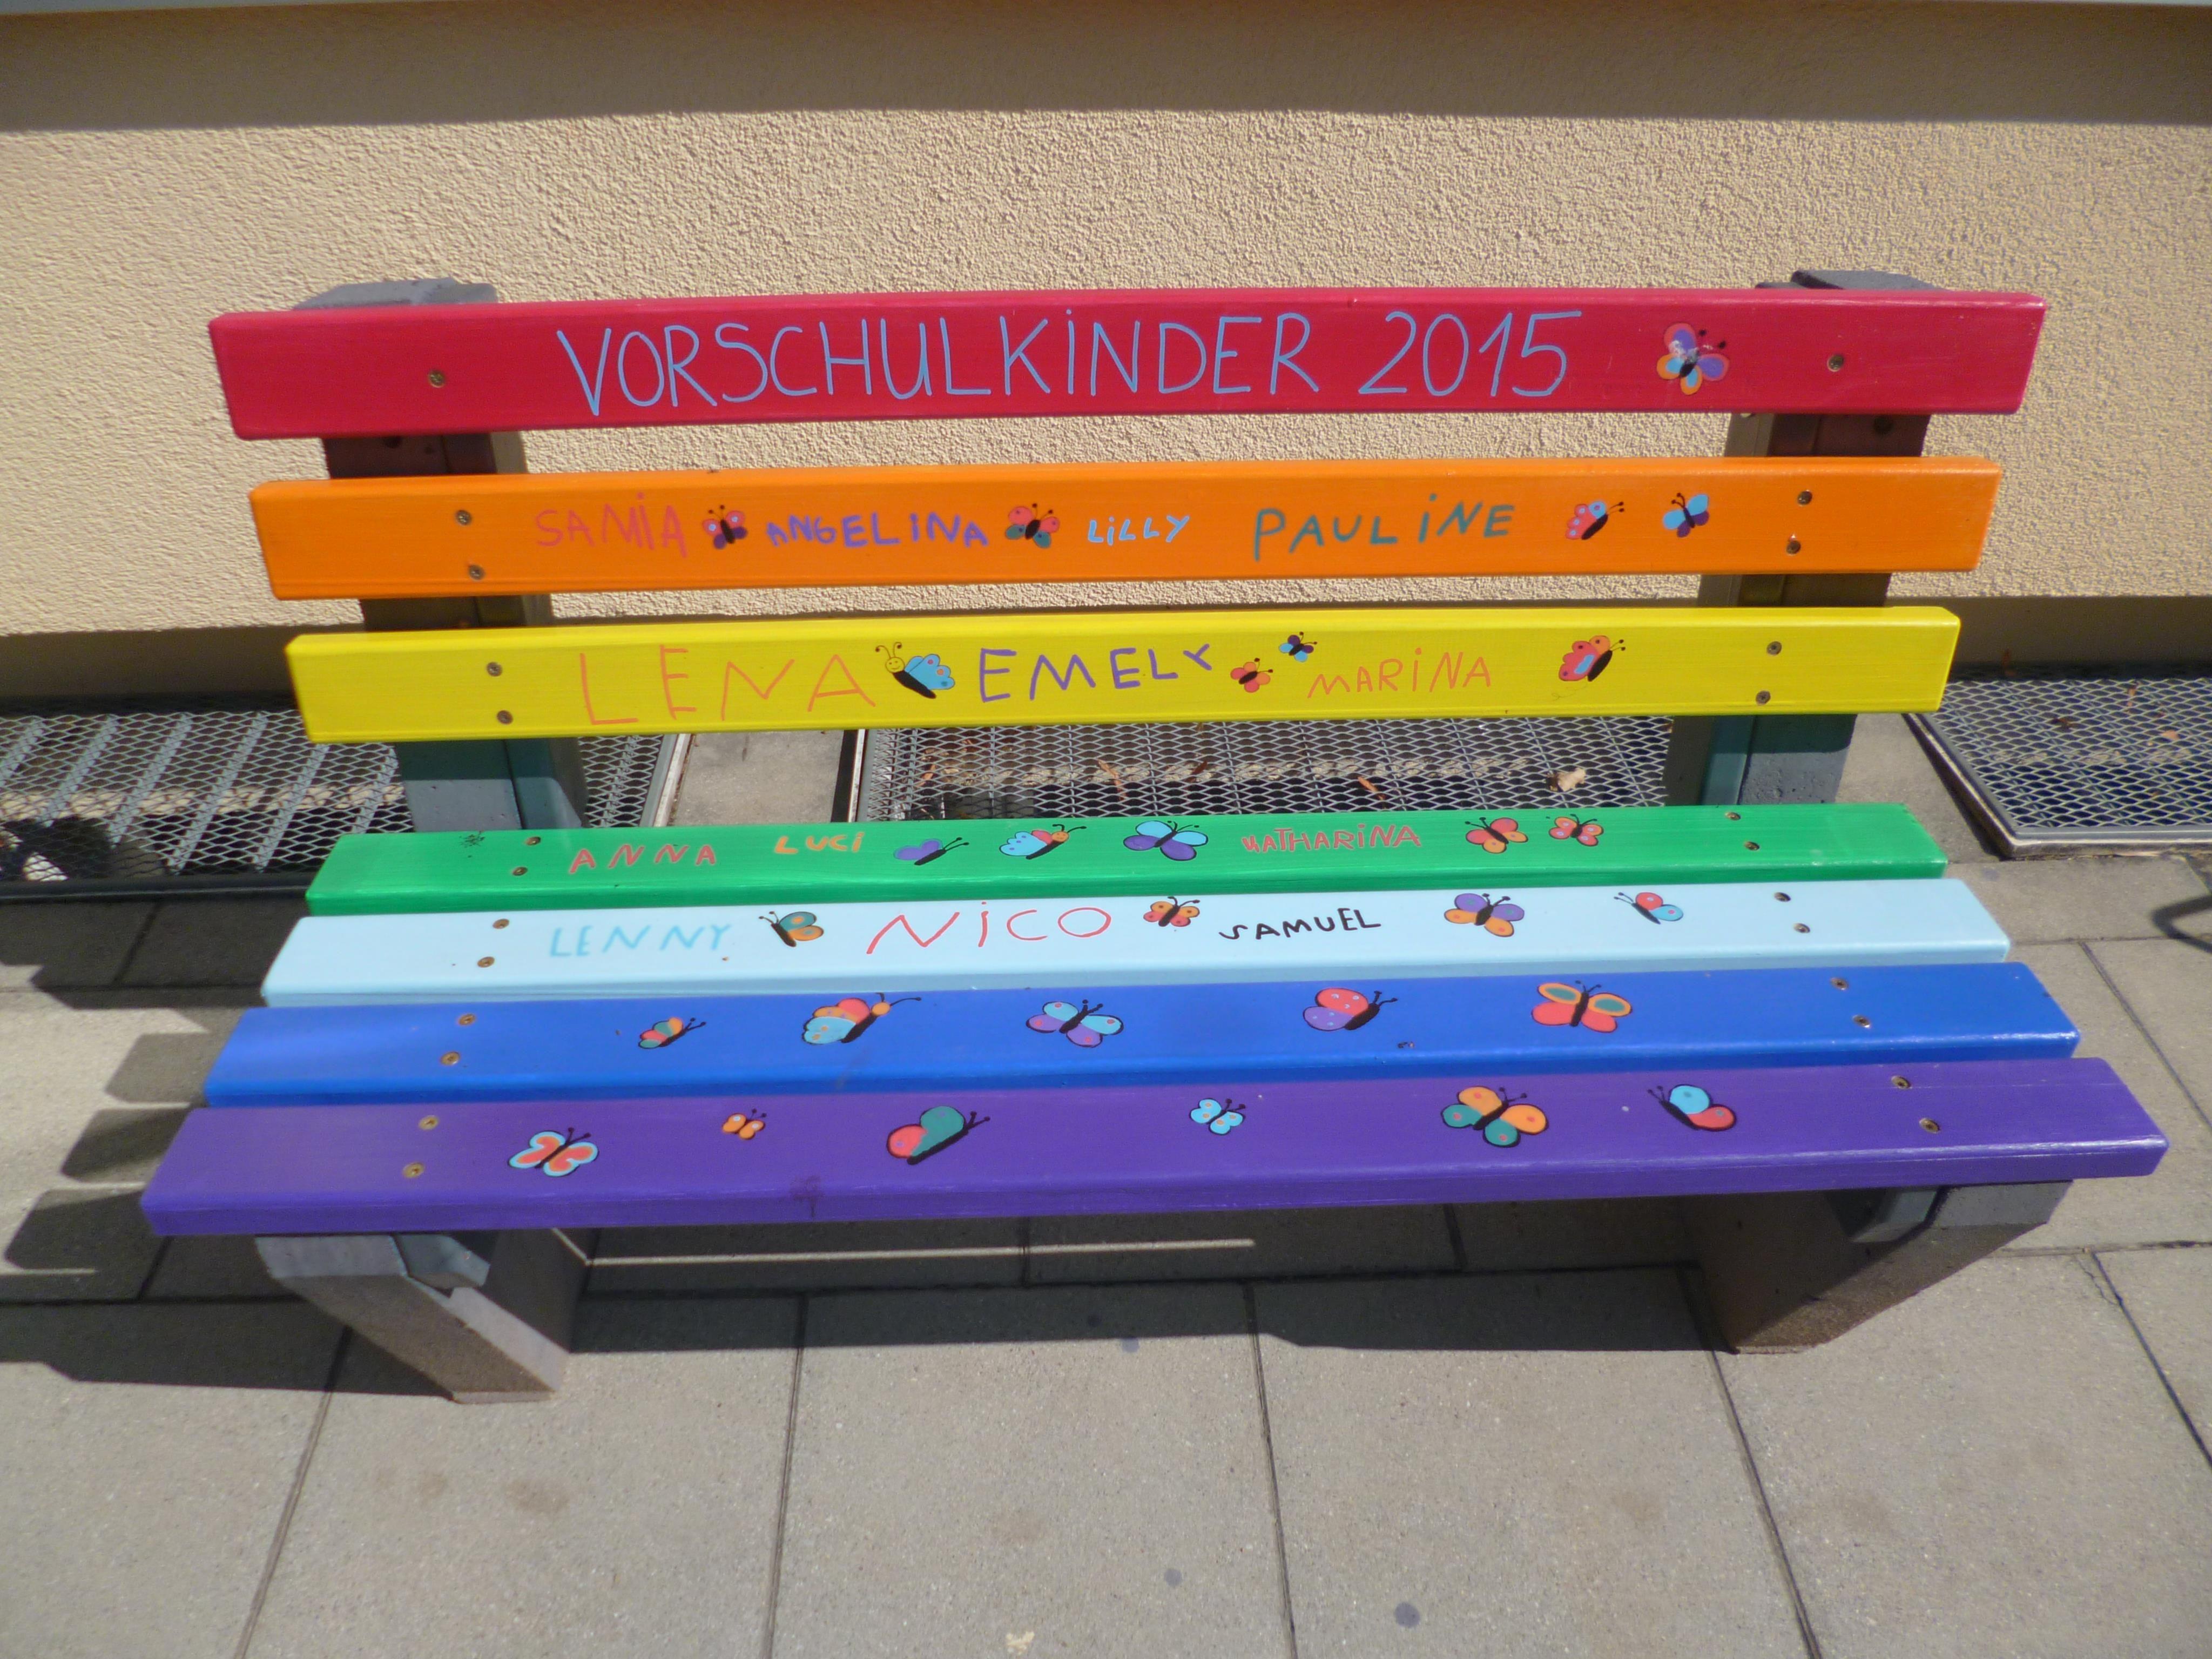 Geschenke Für Vorschulkinder  Pin von Kristina Imandt auf Geschenk Abschied Kindergarten